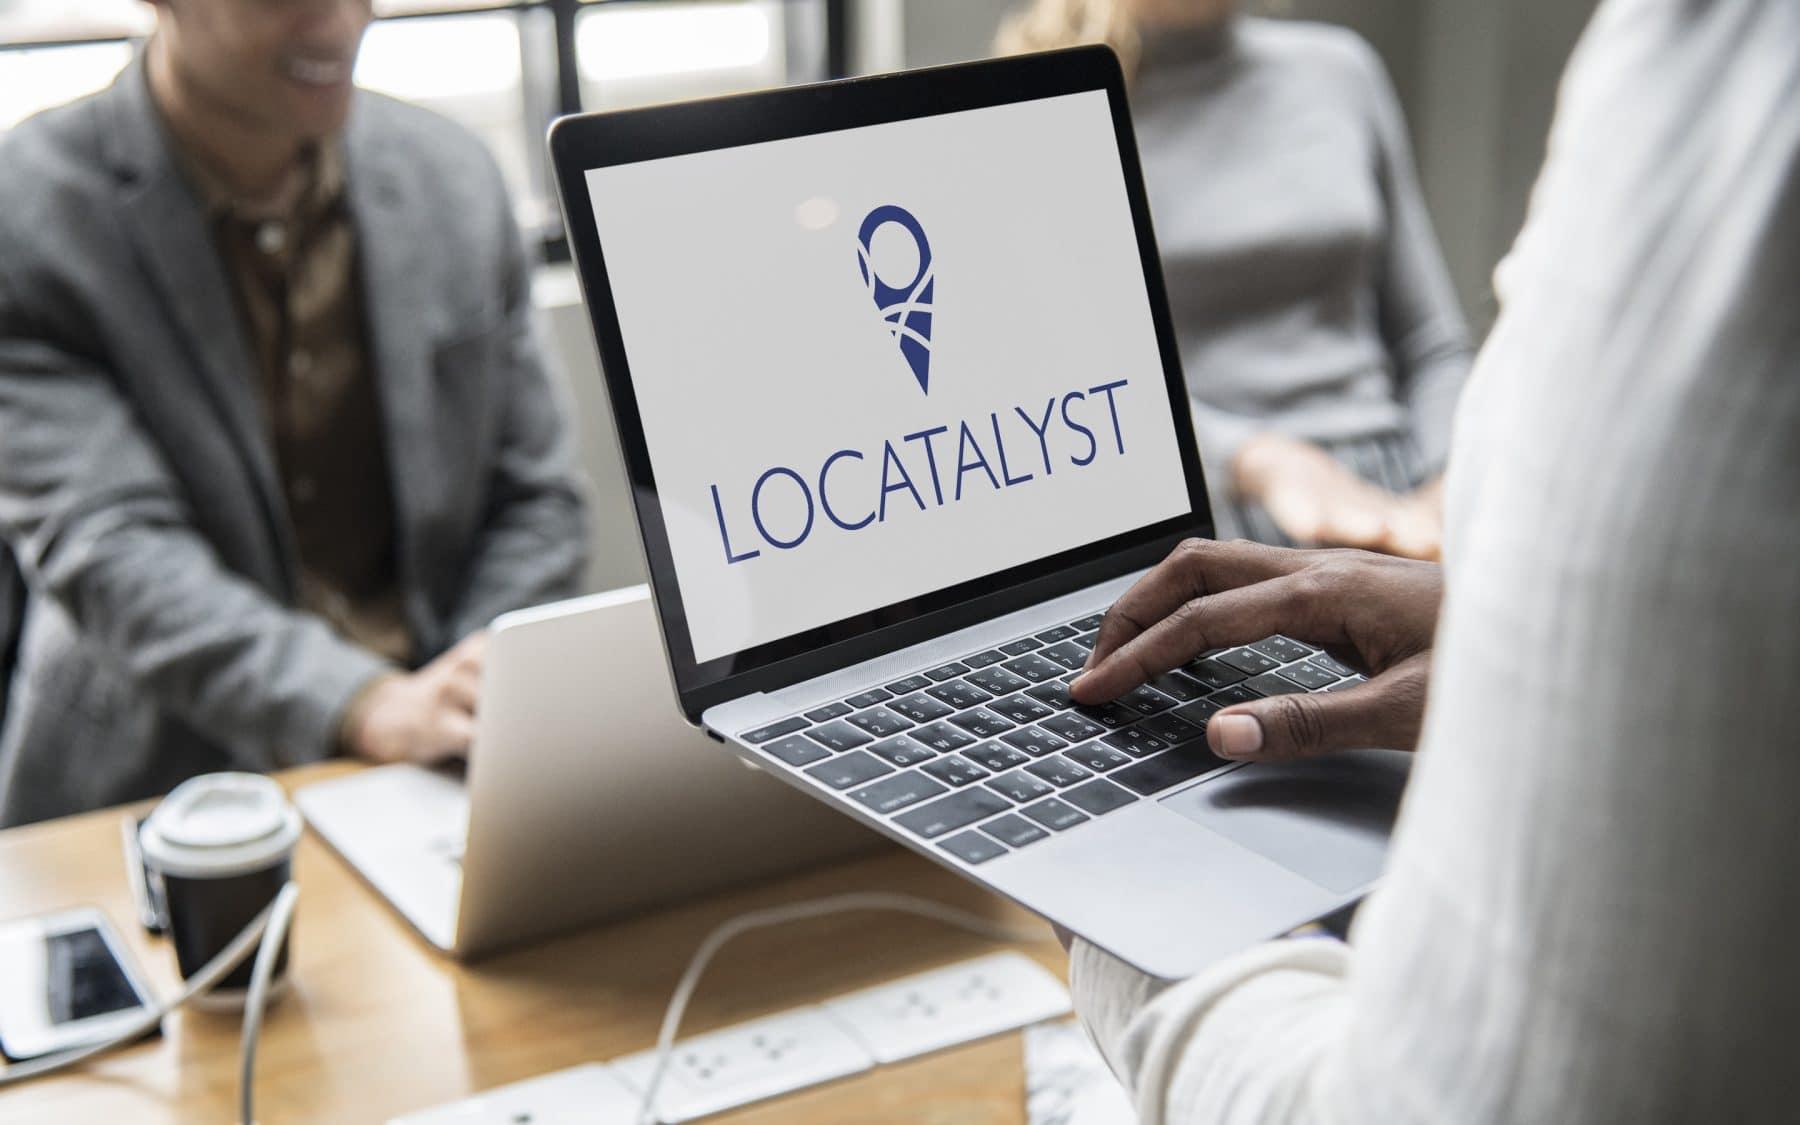 Locatalyst 2